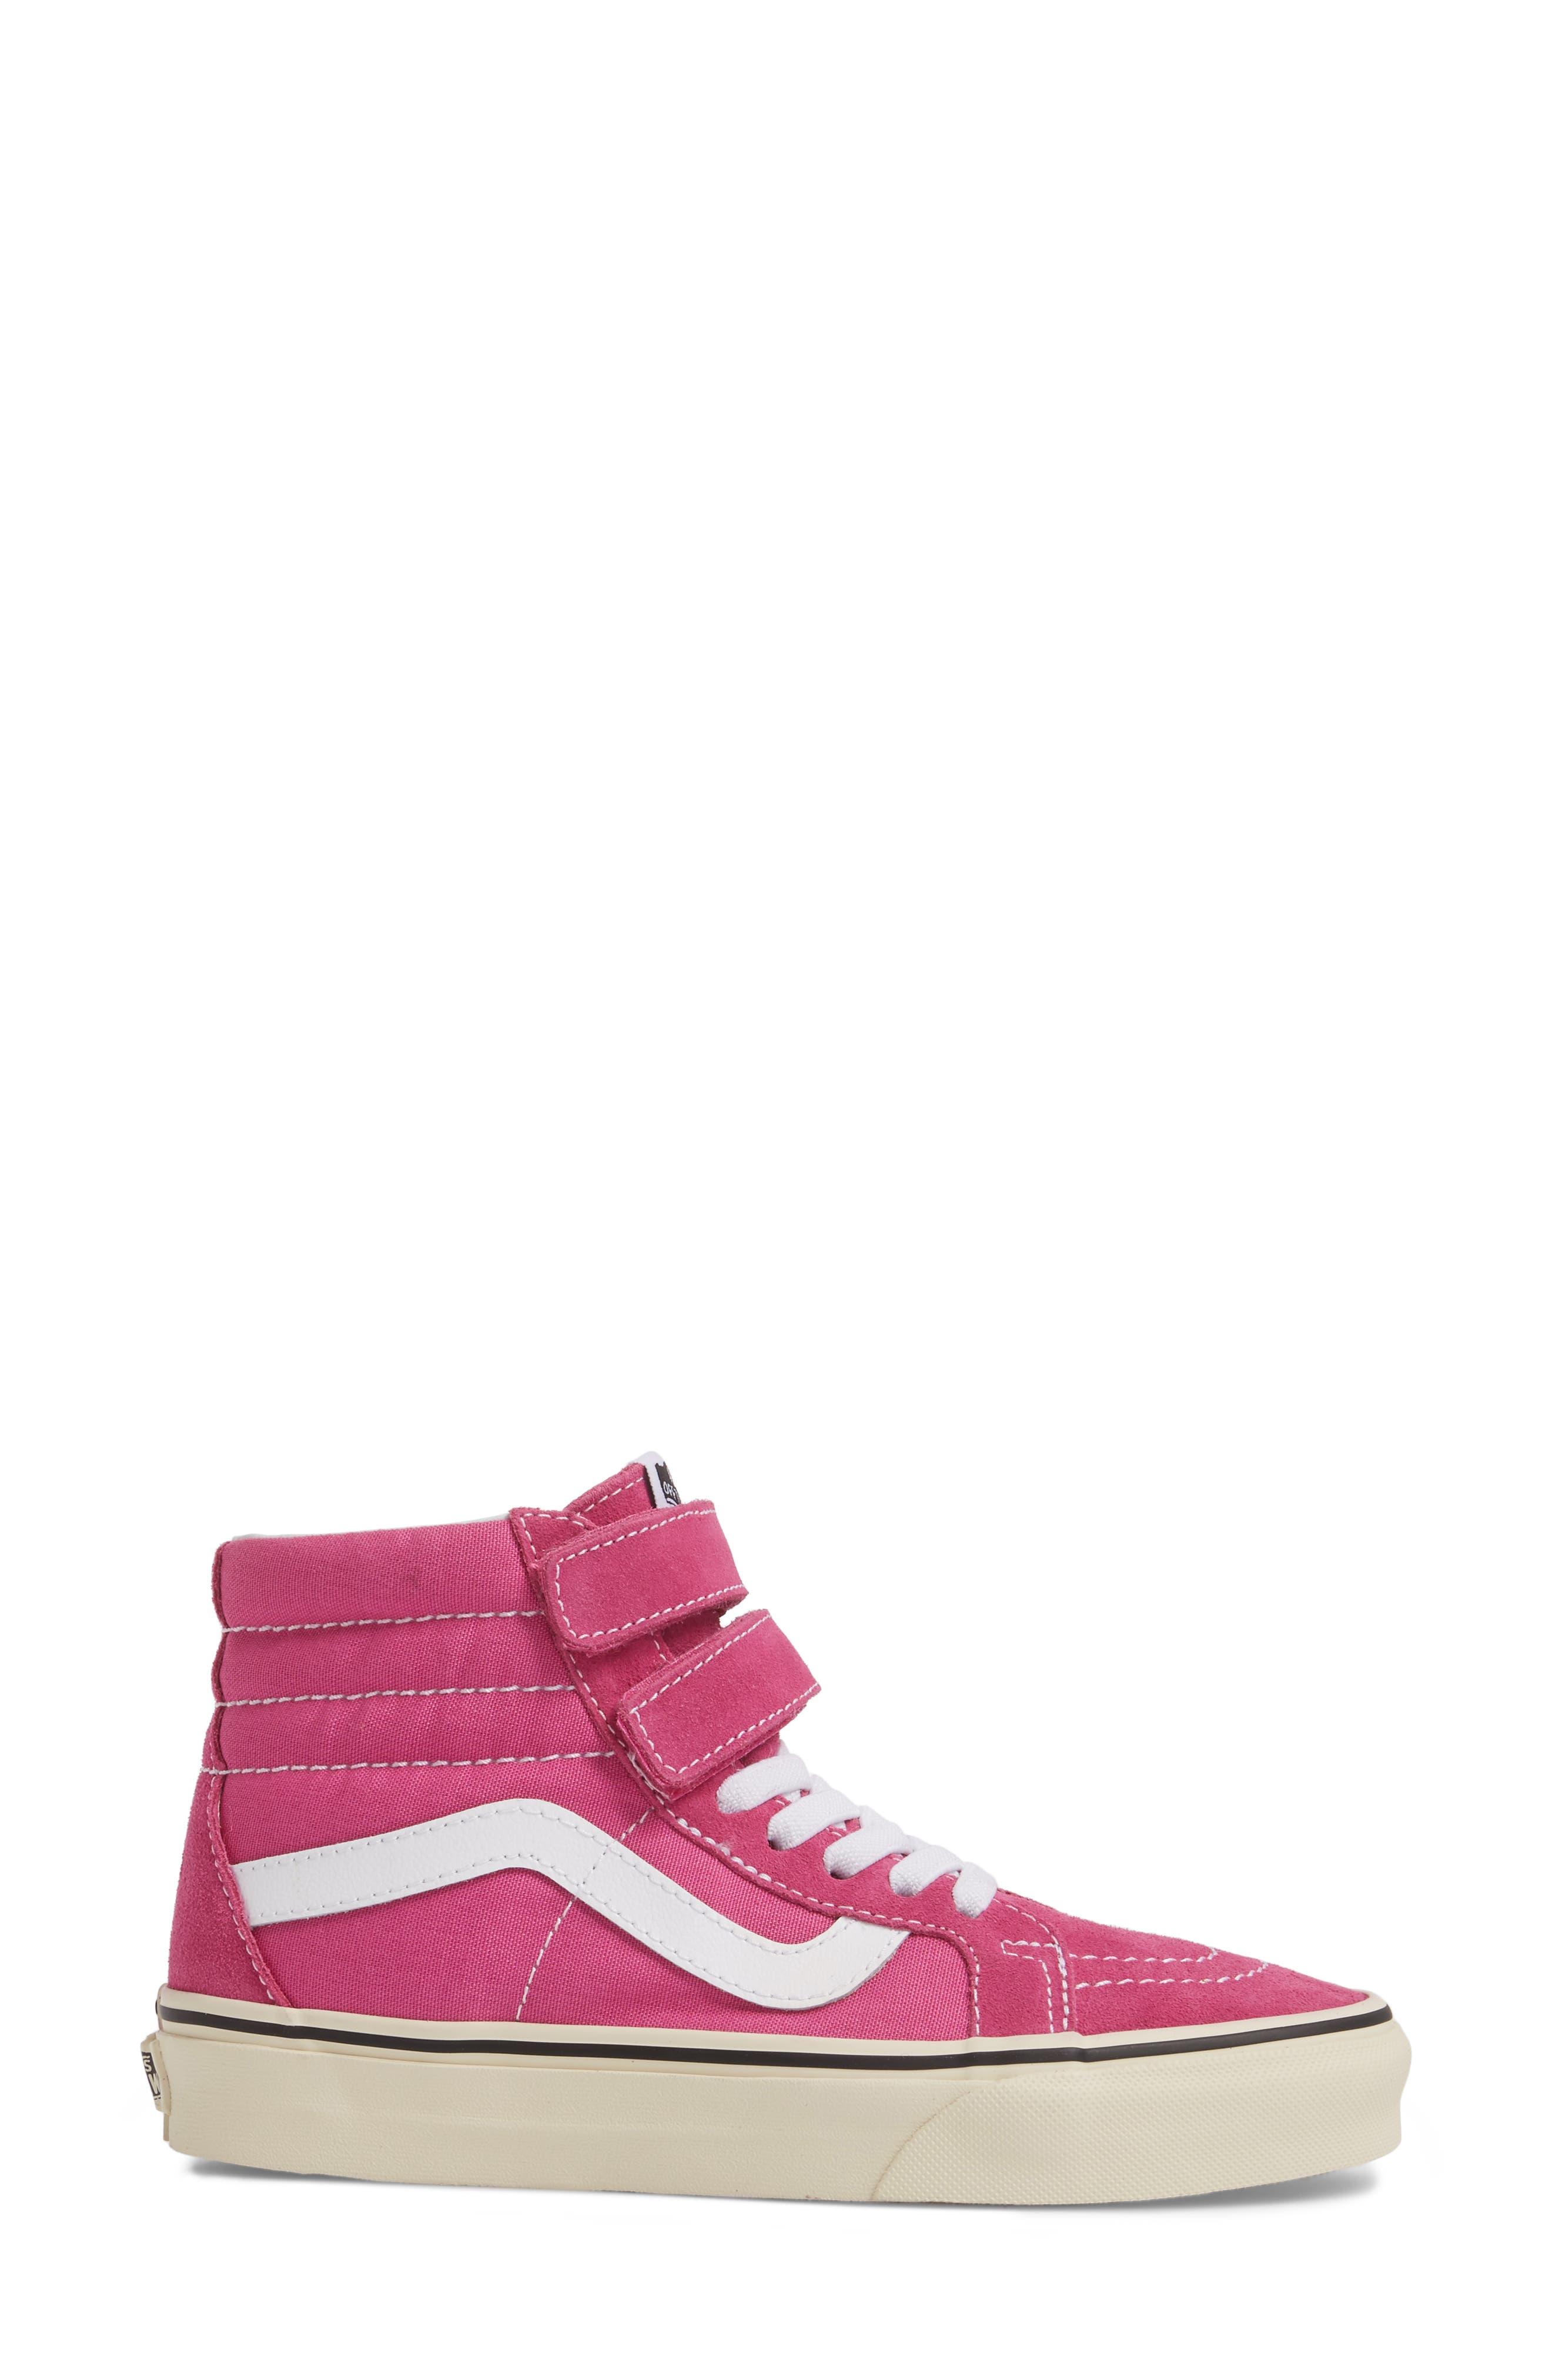 Sk8-Hi Reissue Sneaker,                             Alternate thumbnail 3, color,                             Raspberry Rose/ Turtledove